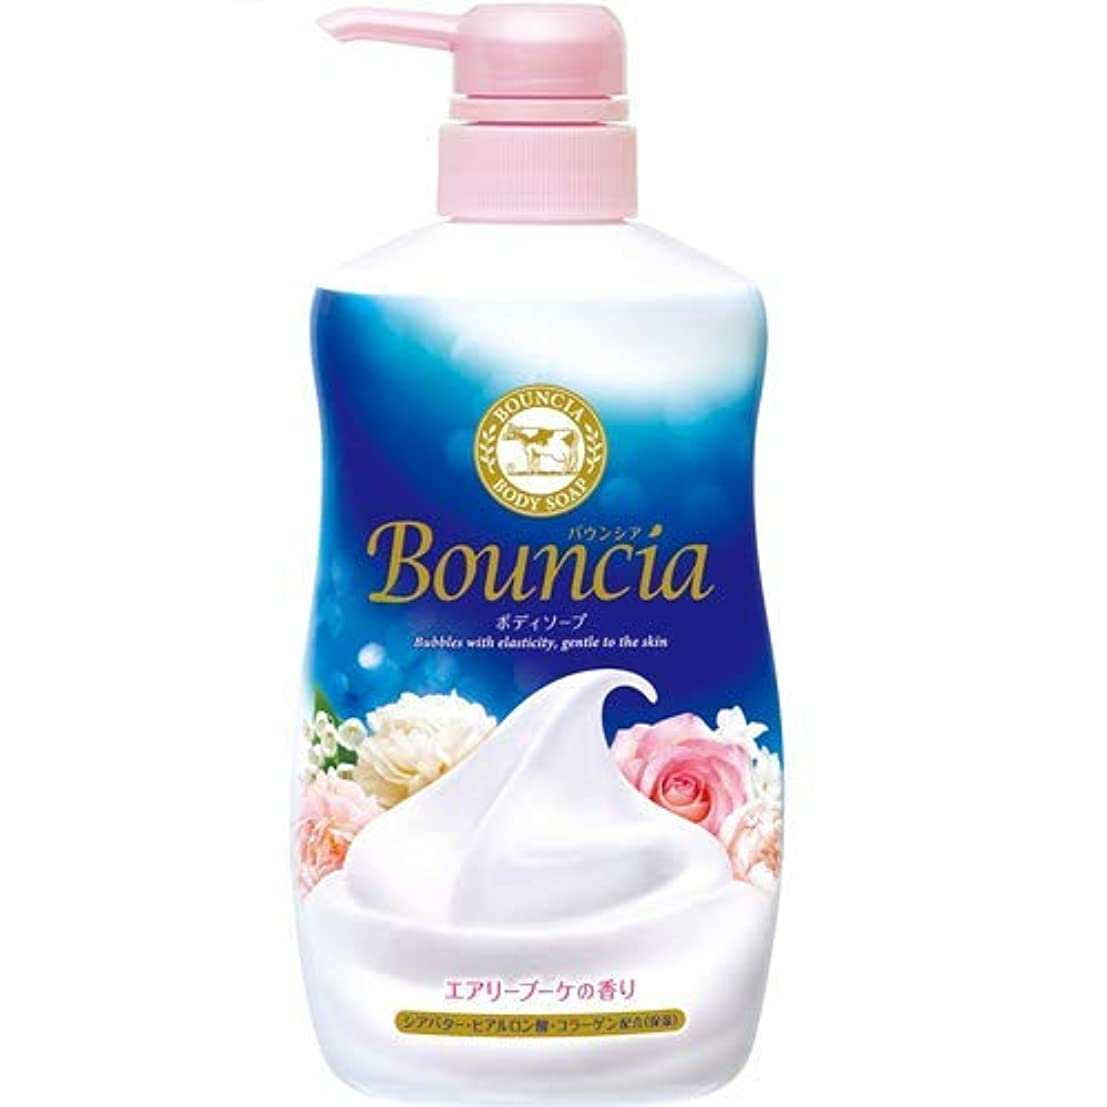 進化するネイティブ間違いバウンシア ボディソープ エアリーブーケの香り ポンプ付 500mL